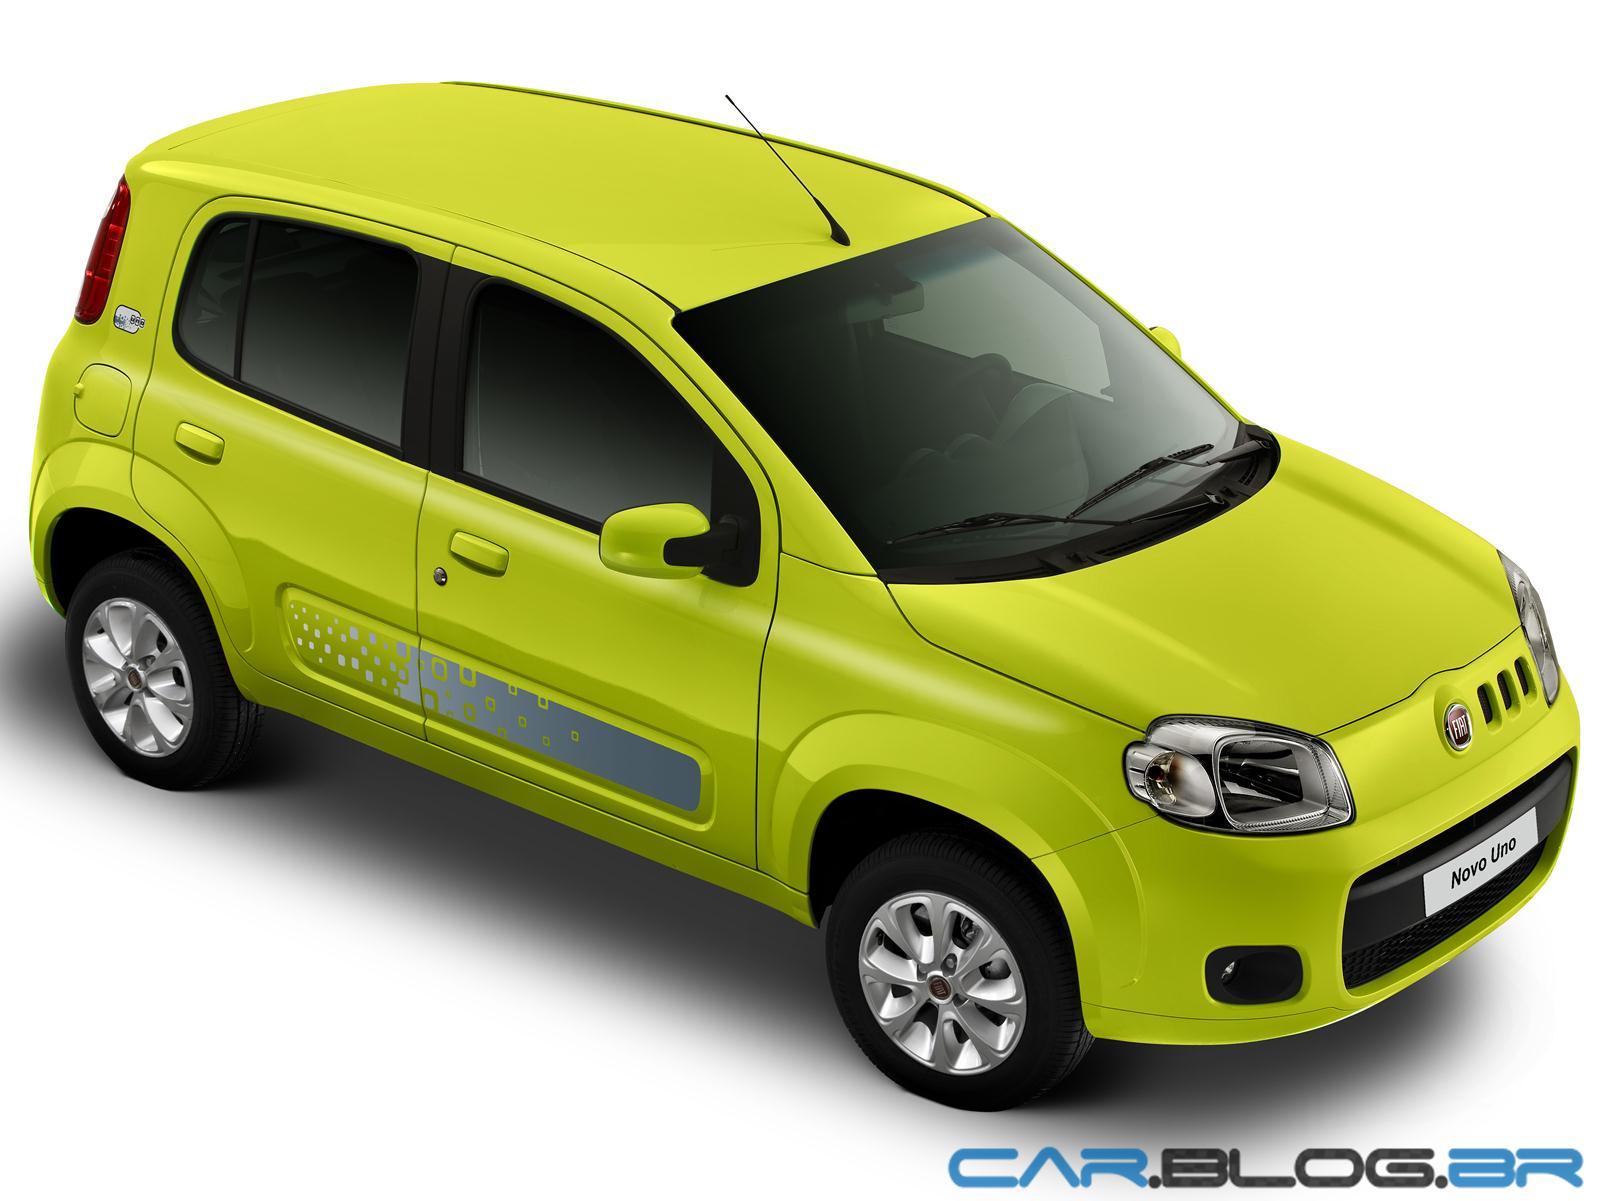 Fiat Uno 2013 Vivace, Economy, Way e Sporting: fotos, preços e fichas